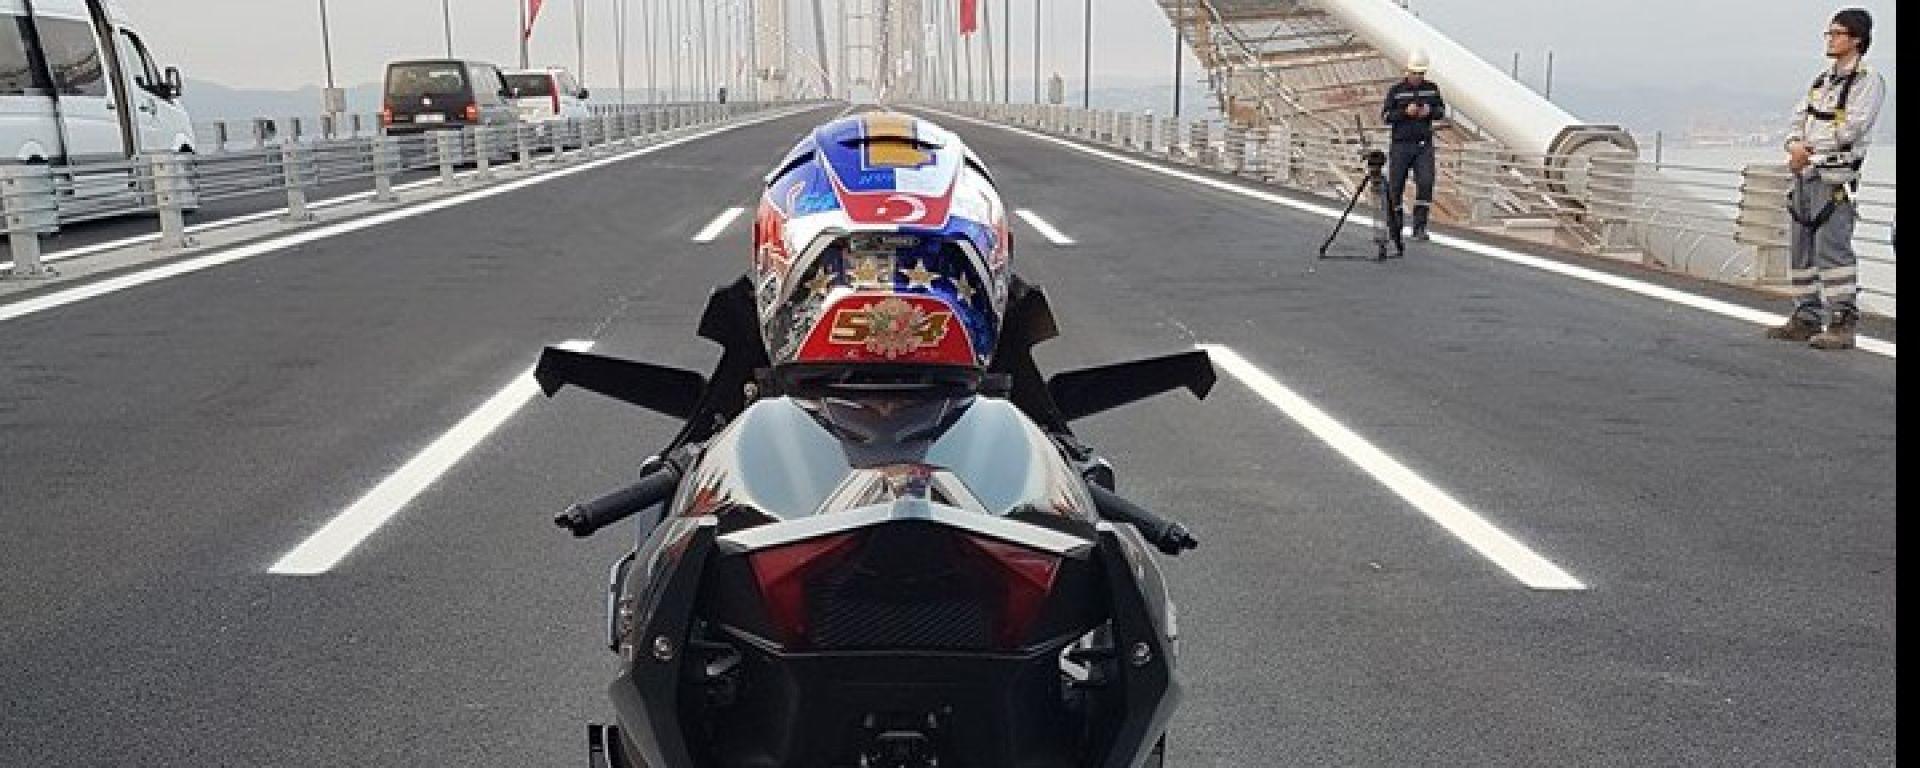 Sofuoglu e la Kawasaki Ninja H2R verso il record di 400 km/h